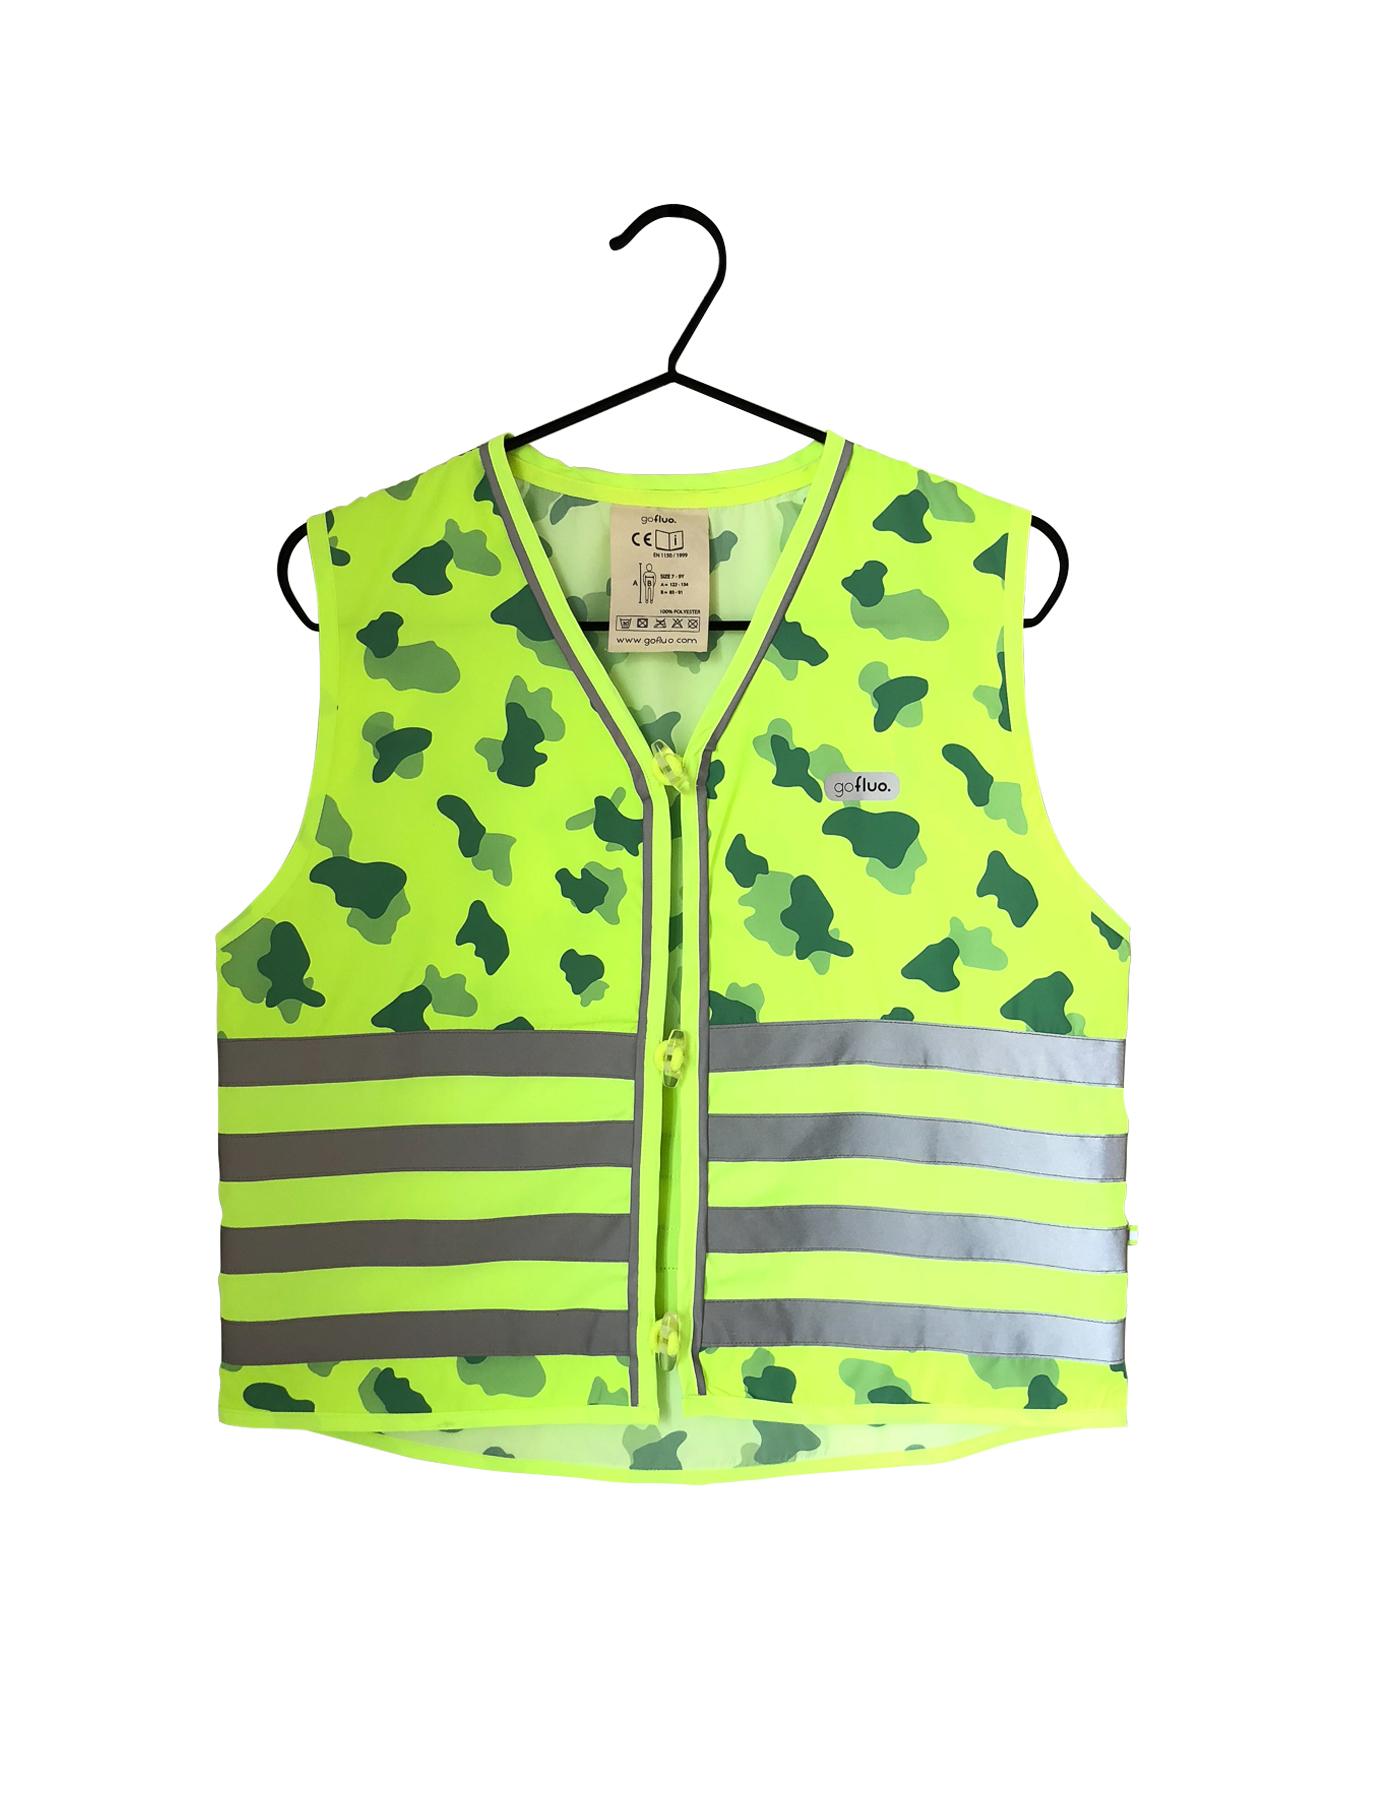 Fluohesje Camou groen size XS